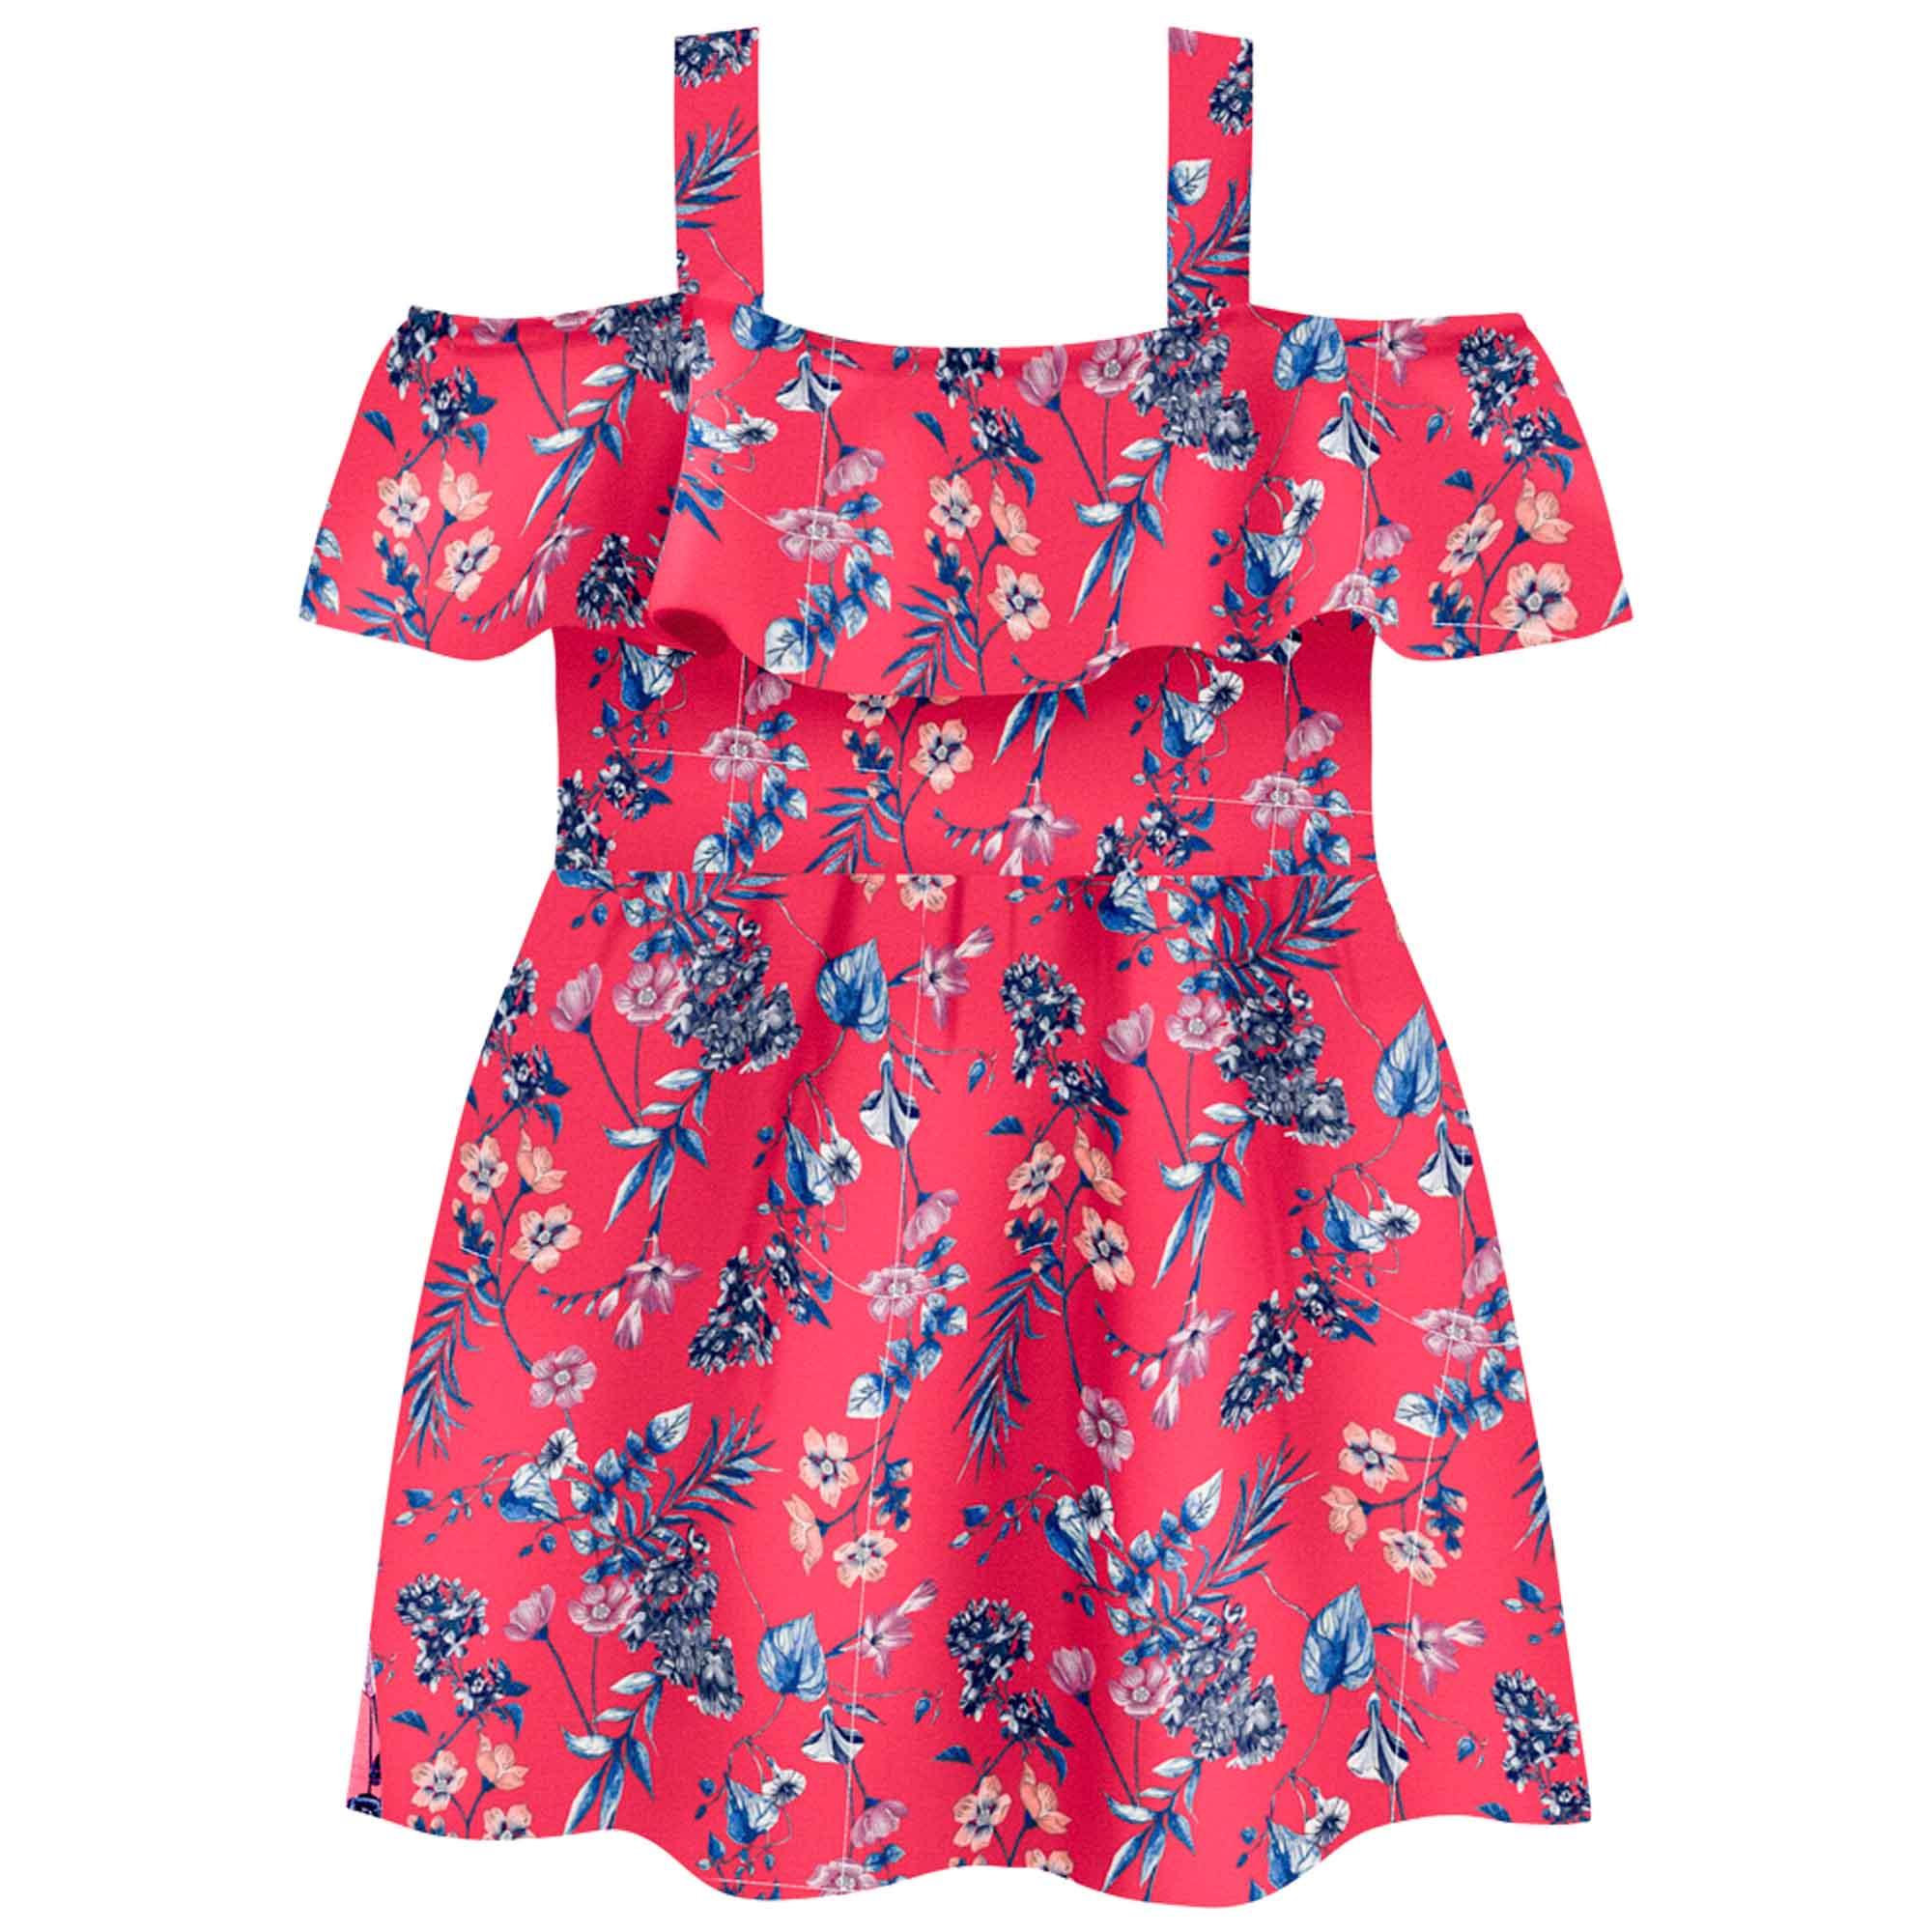 Vestido Verão Brandili Florido - 4 ao 10